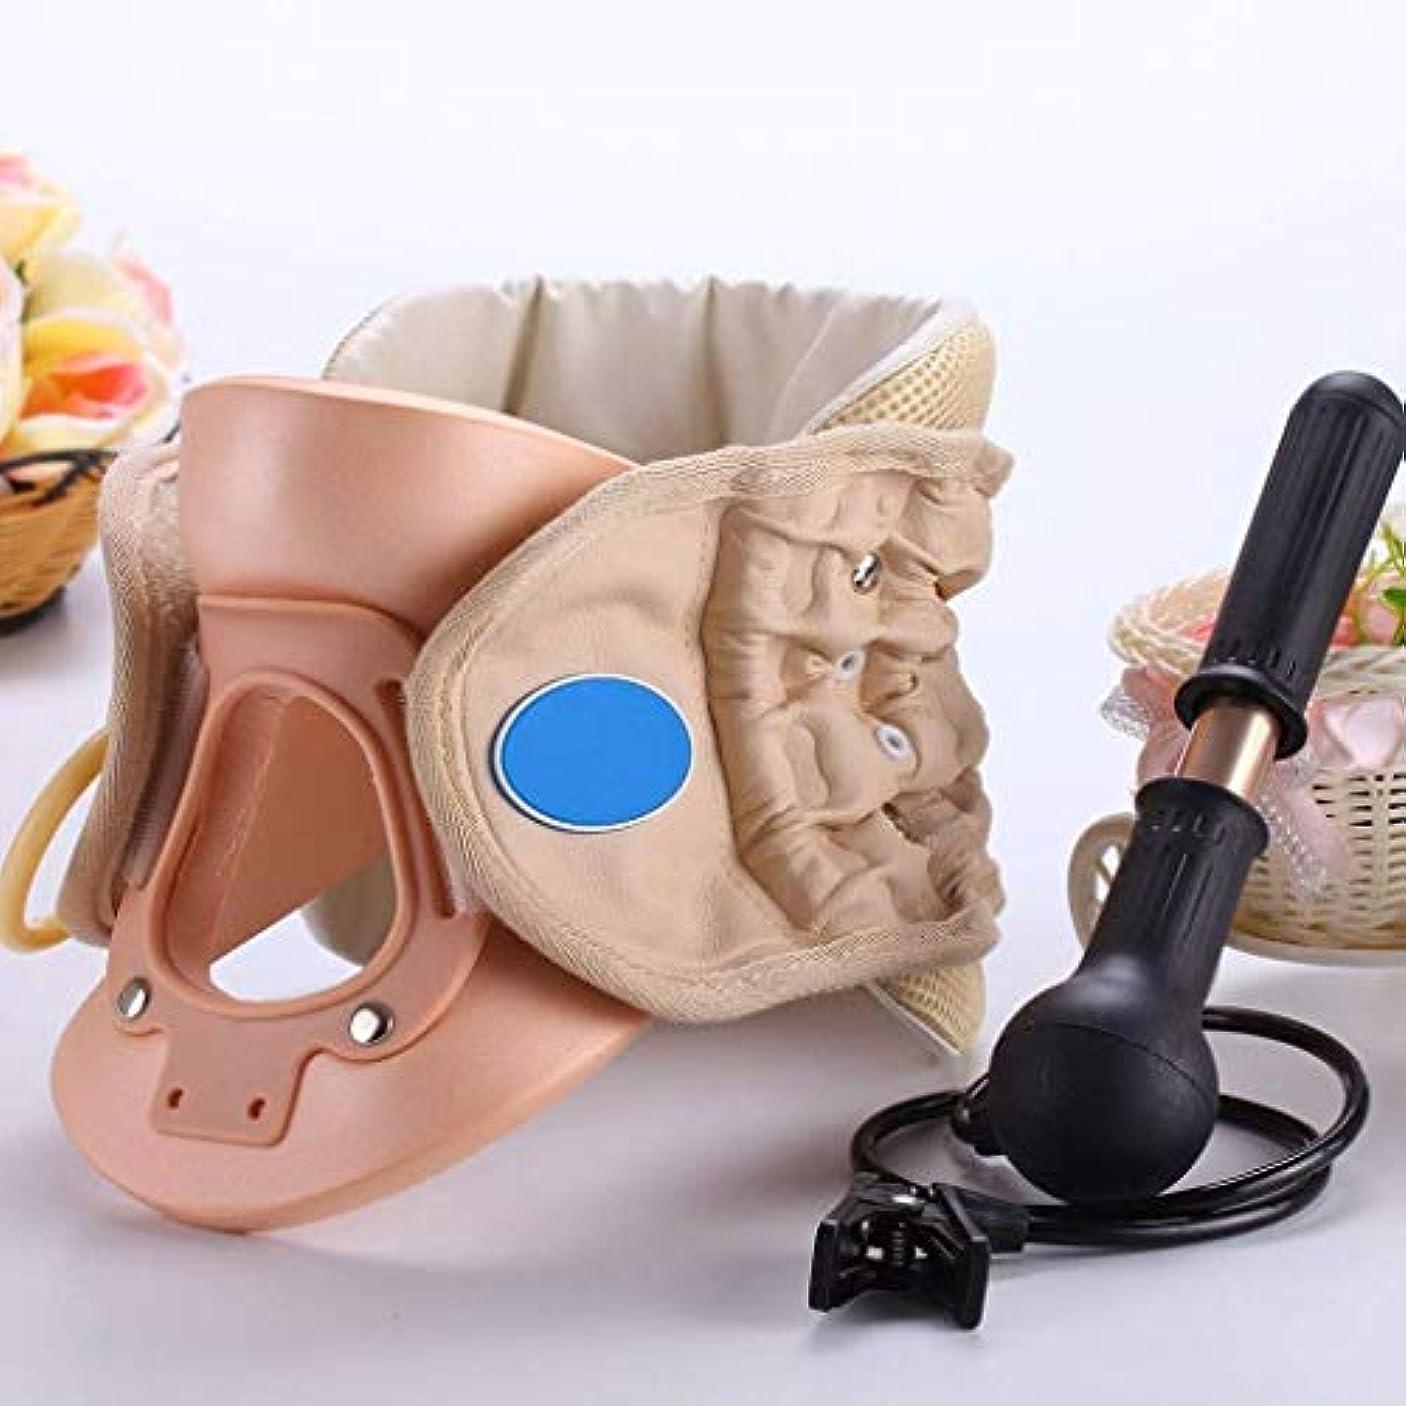 残酷大脳乱用首の痛みや頸椎症の人に適したインフレータブル頸椎トラクター、首牽引装置、家の保護頸椎矯正器具